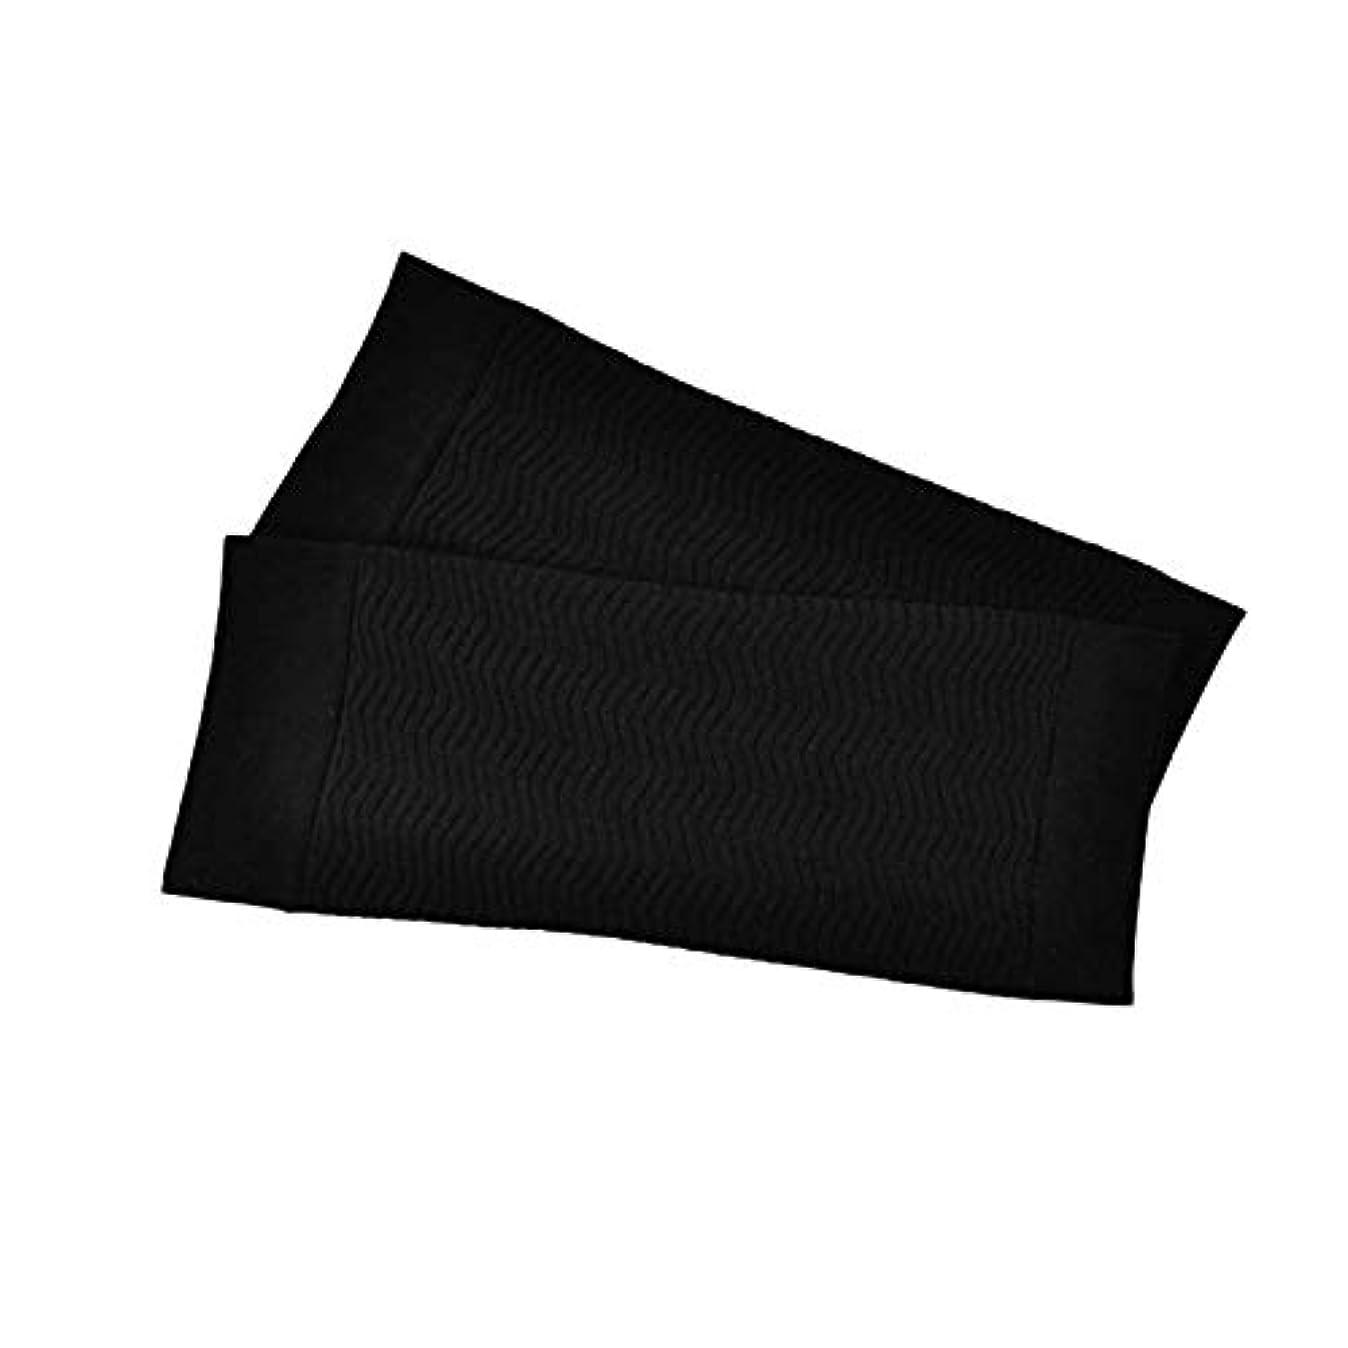 レコーダーレンズ雄大な1ペア680 D圧縮アームシェイパーワークアウトトーニングバーンセルライトスリミングアームスリーブ脂肪燃焼半袖用女性 - ブラック